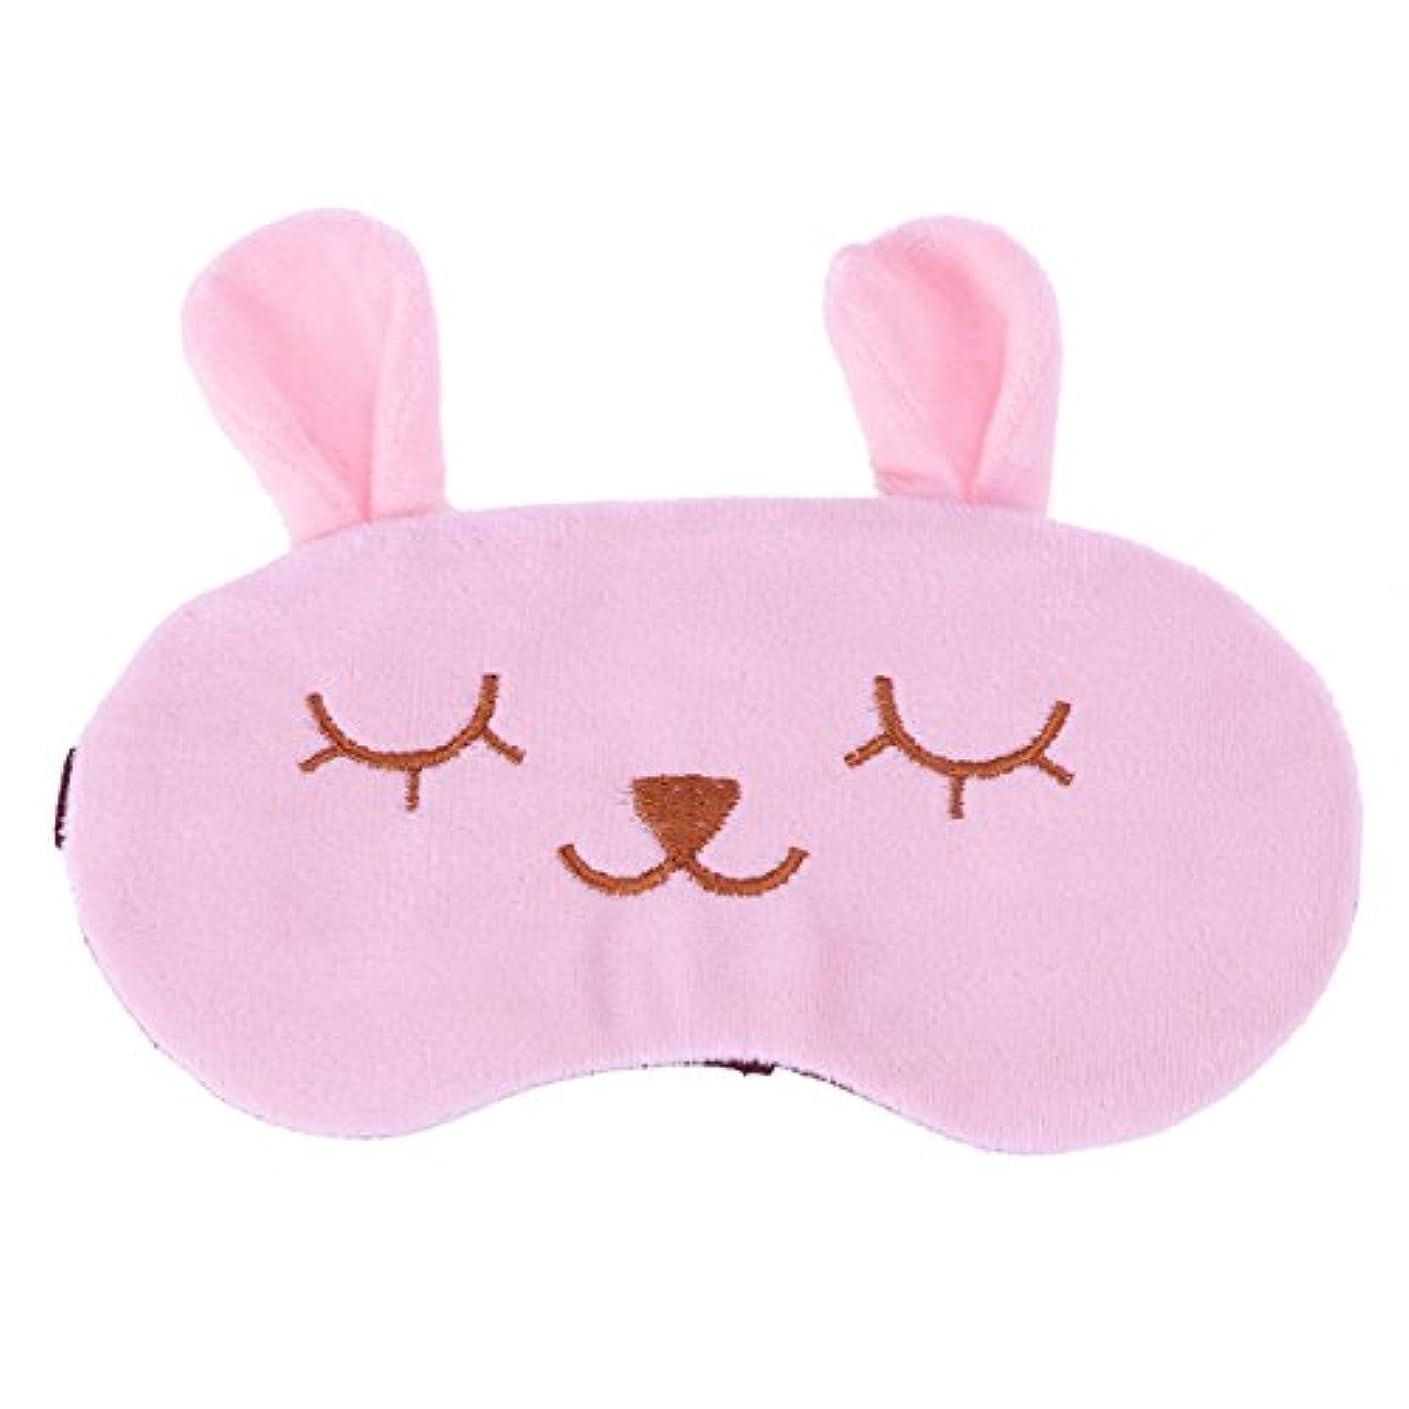 グリップ召喚する流行しているSUPVOX 昼寝瞑想のための豪華な睡眠のアイマスクかわいい冷却目隠しアイシェードポータブル